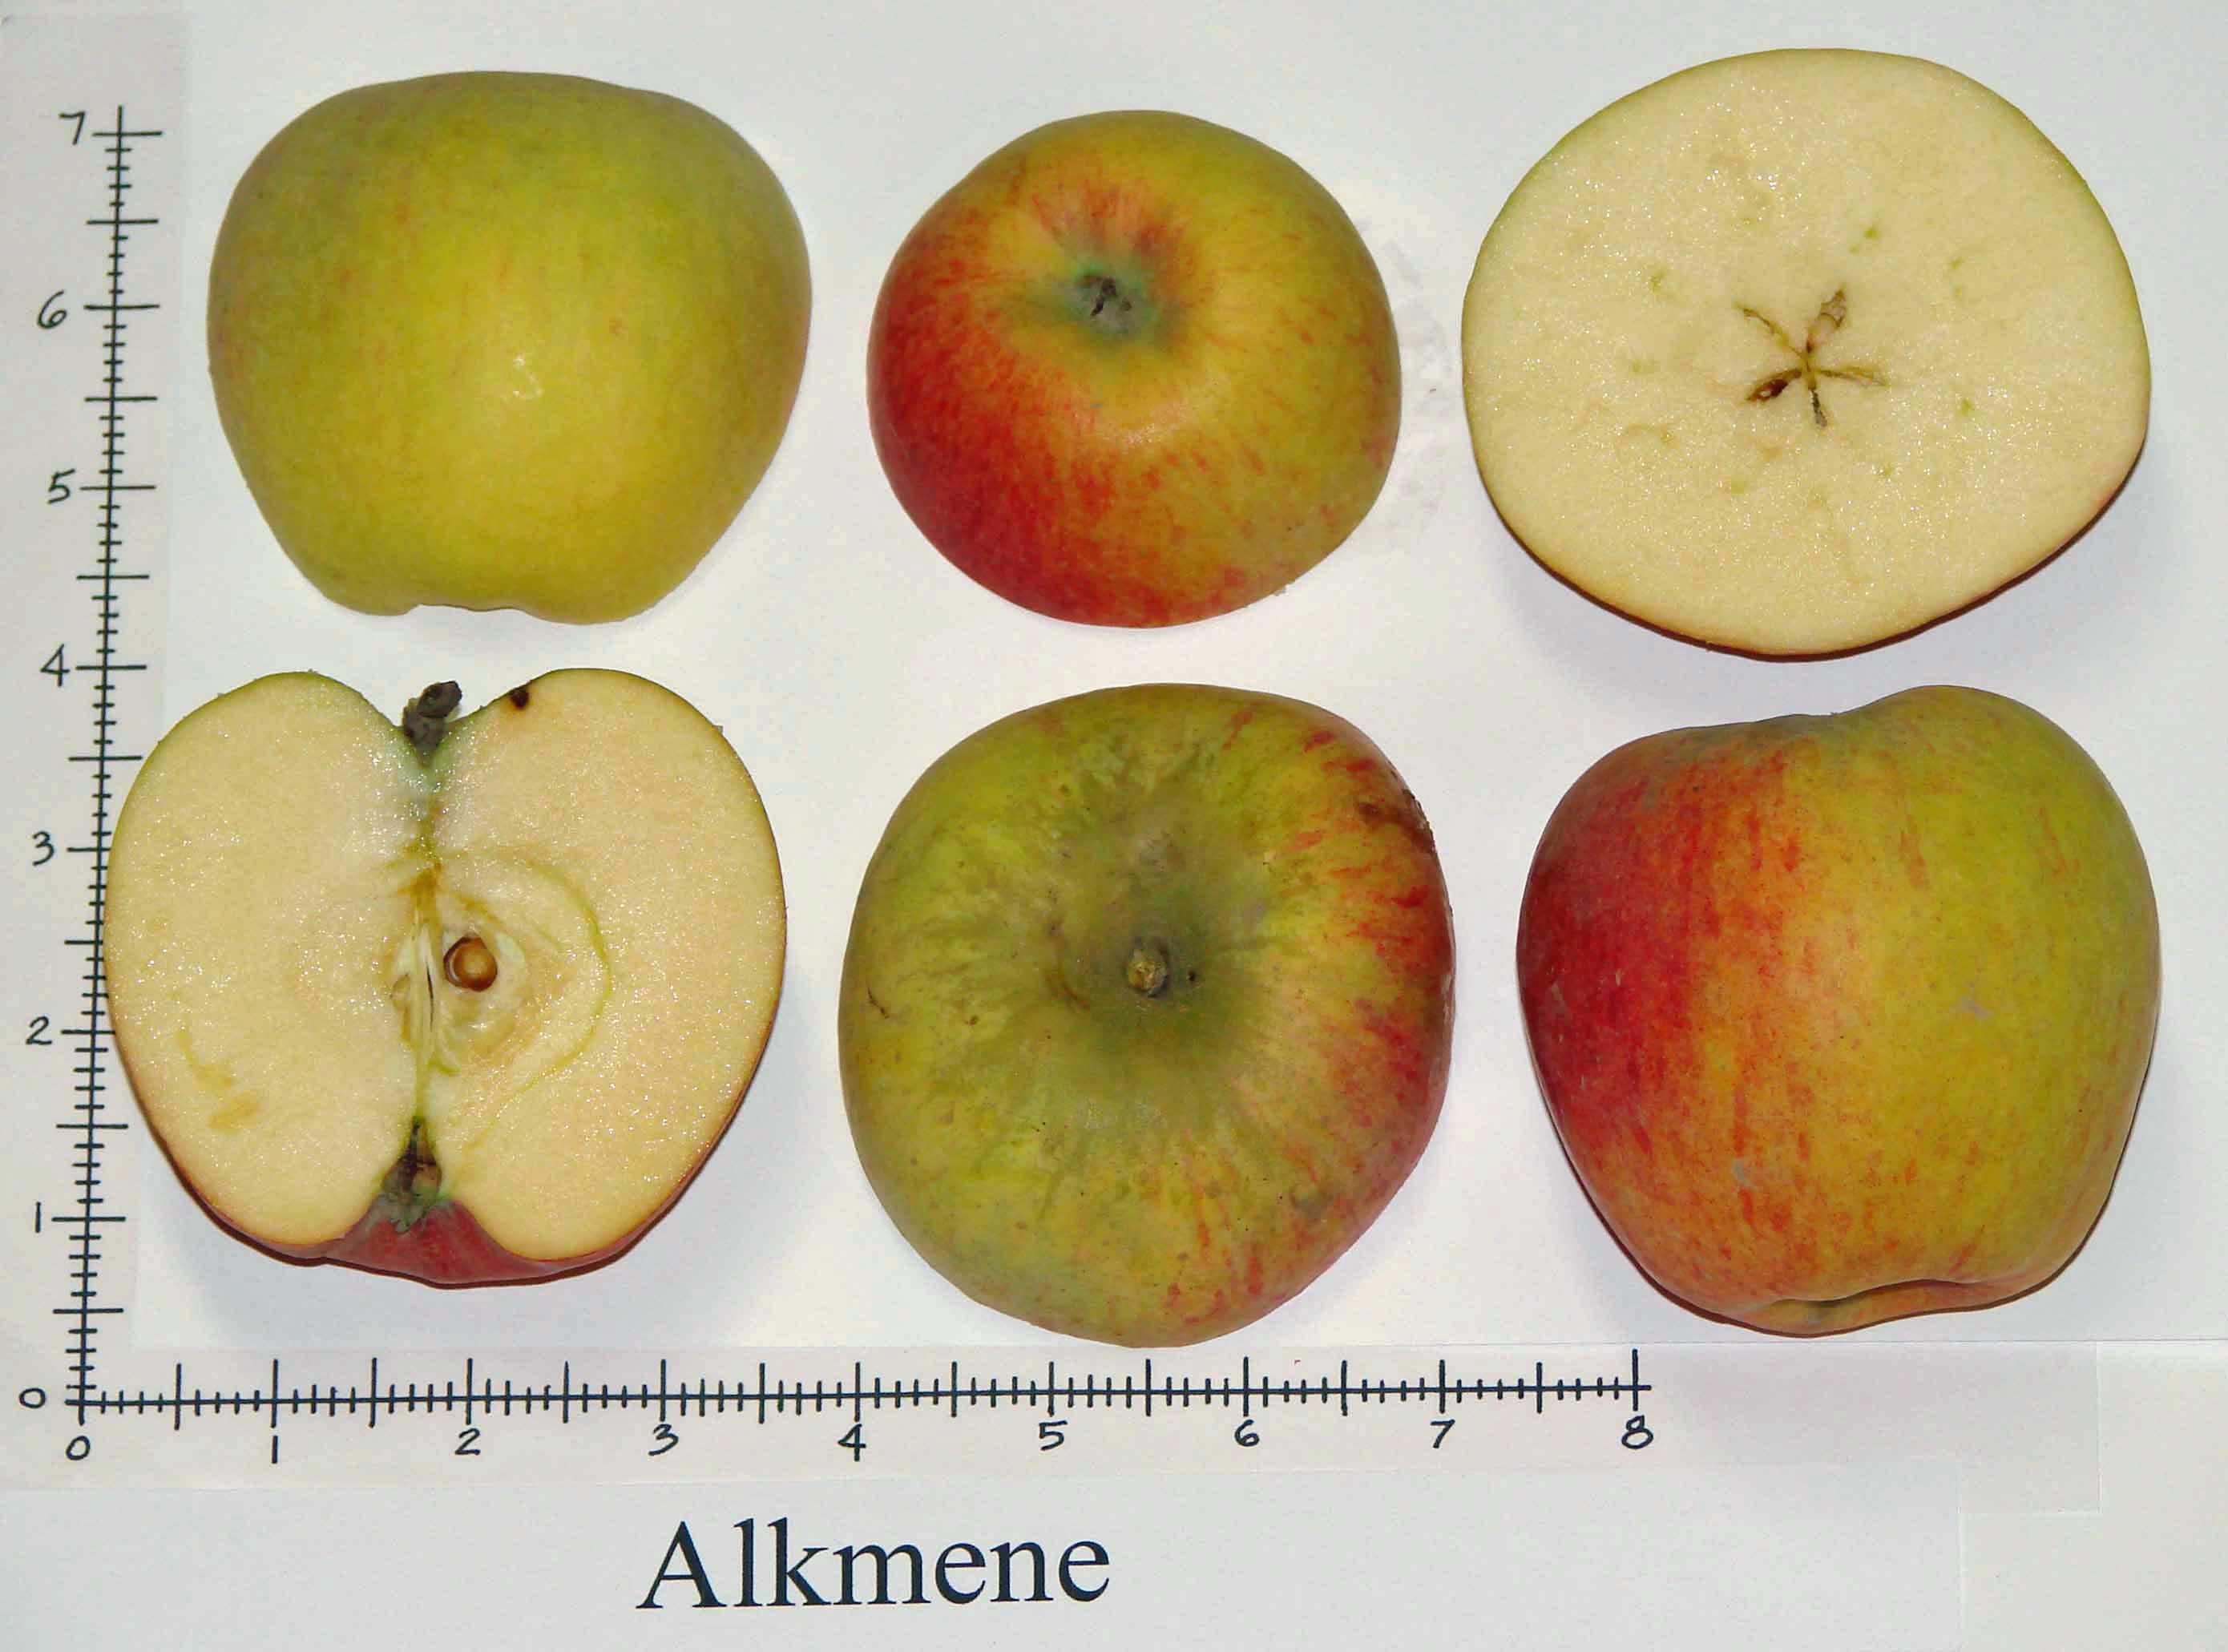 Alkmene